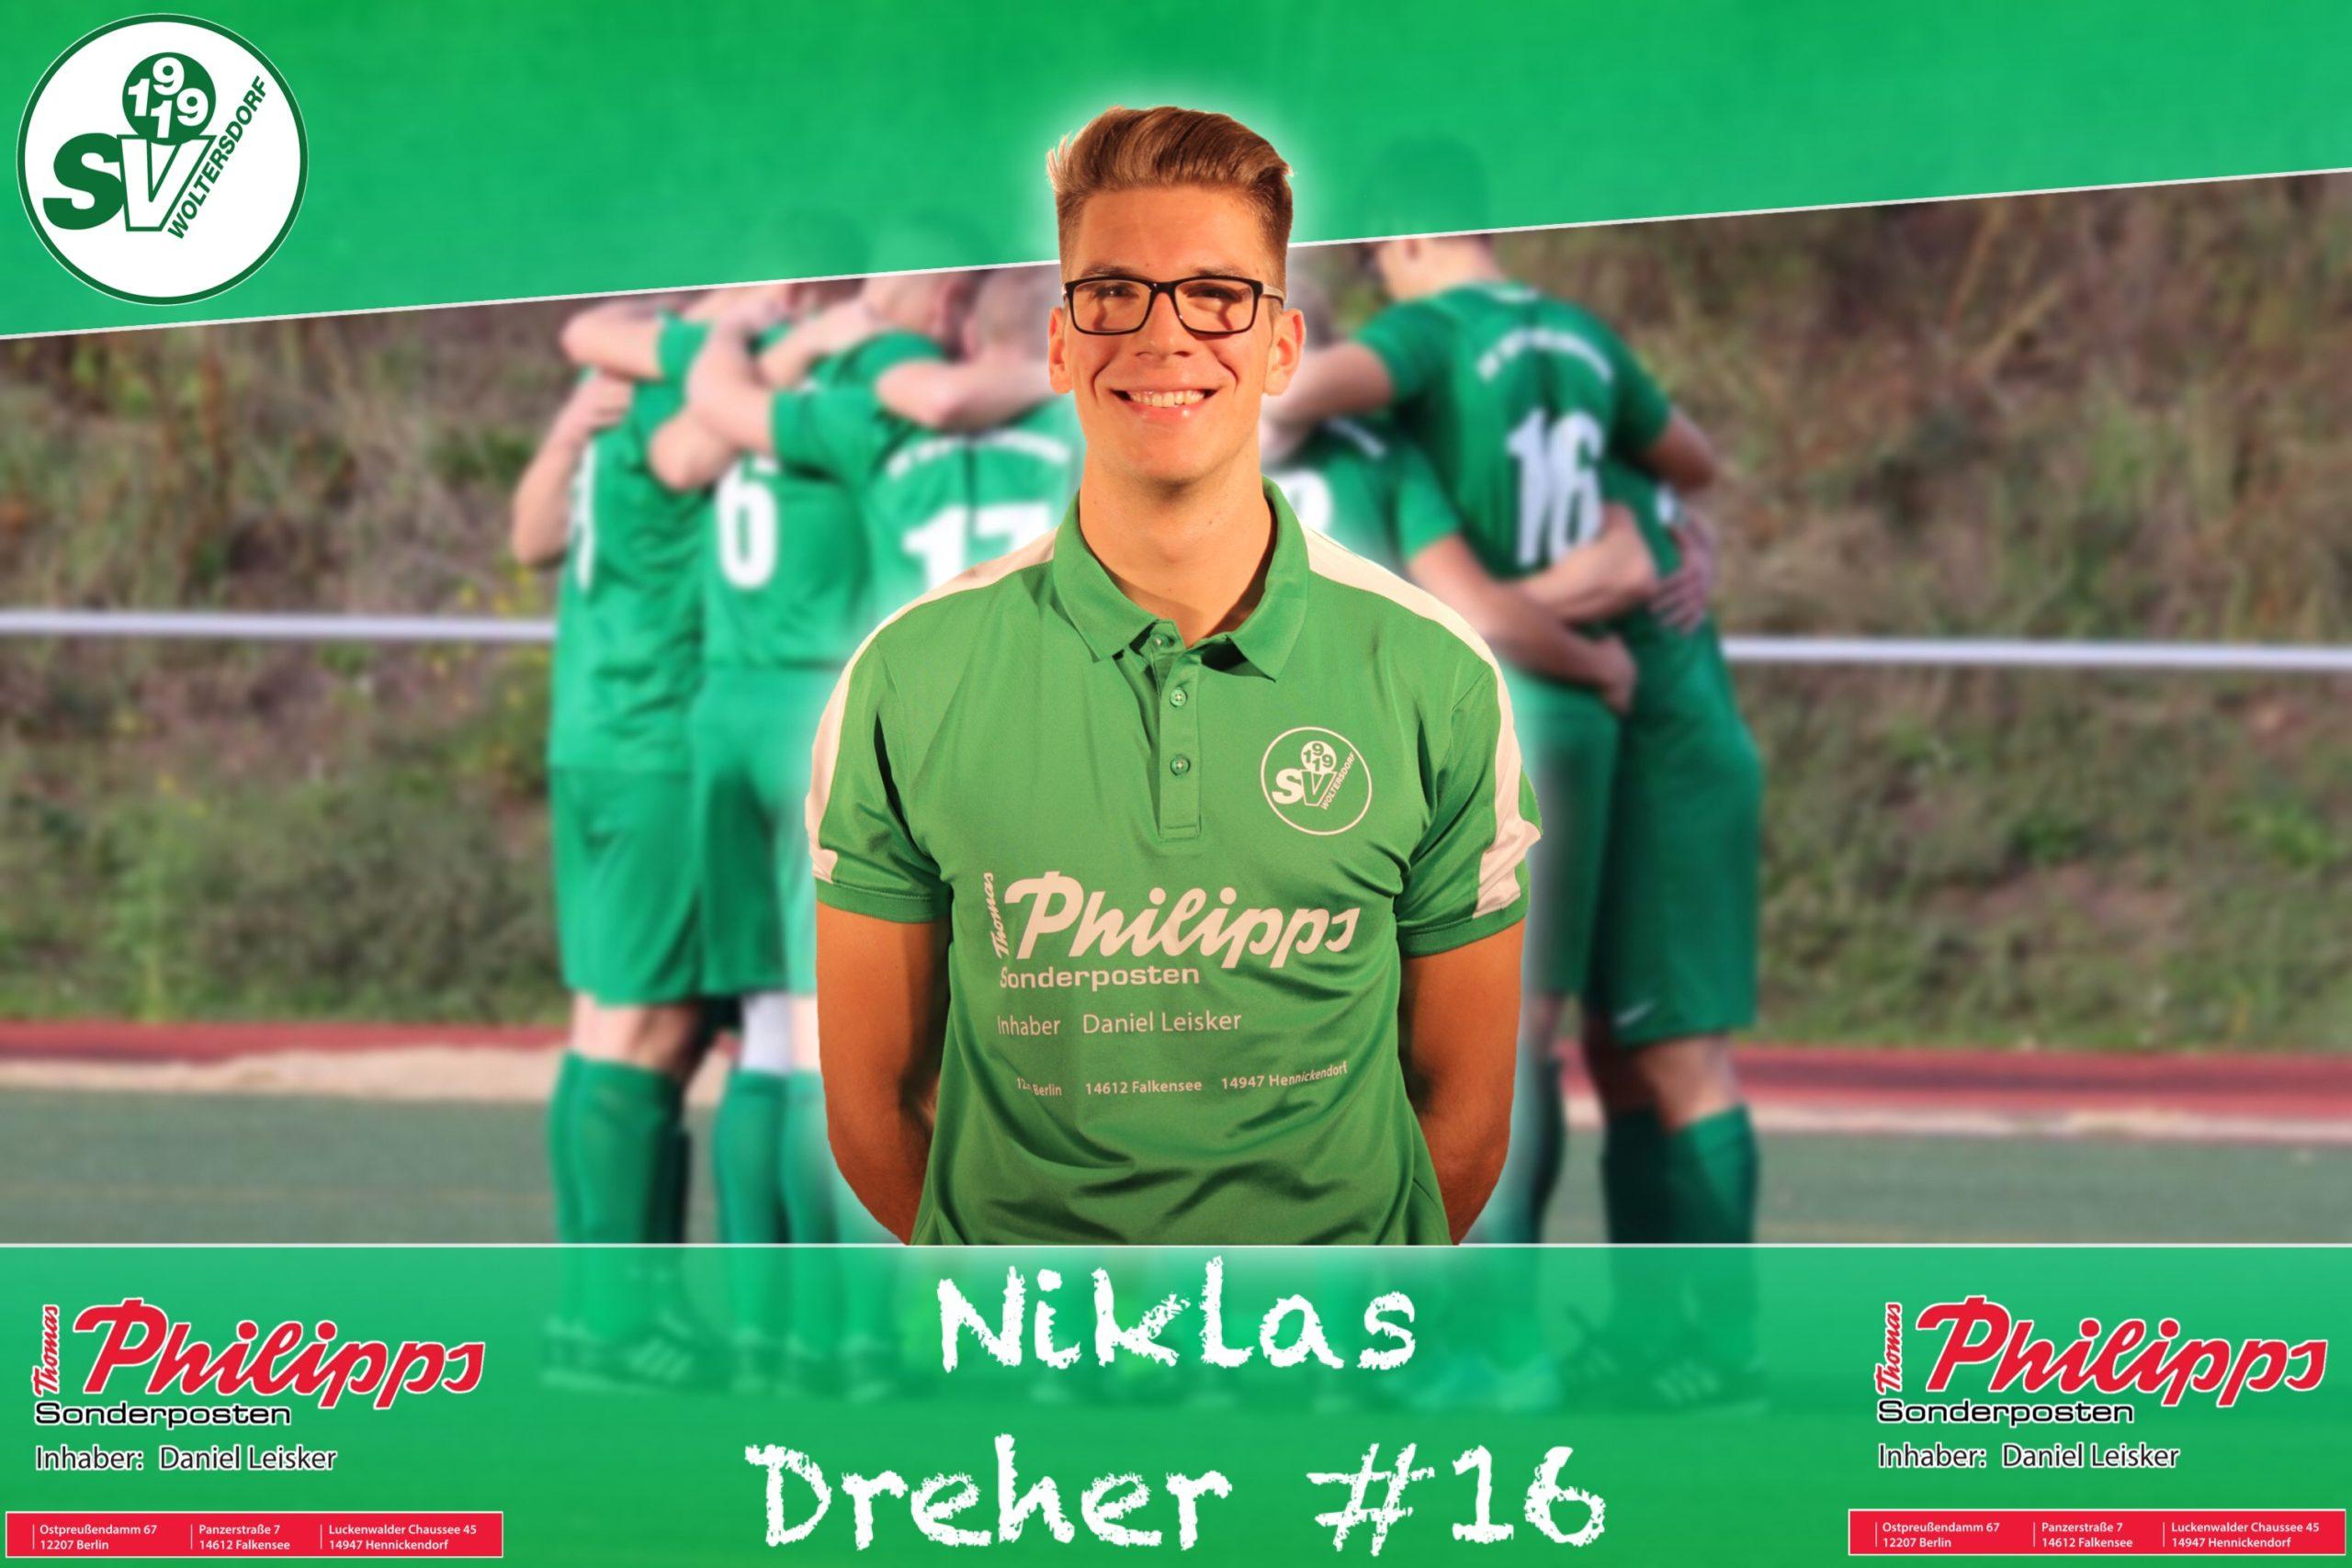 Niklas Dreher